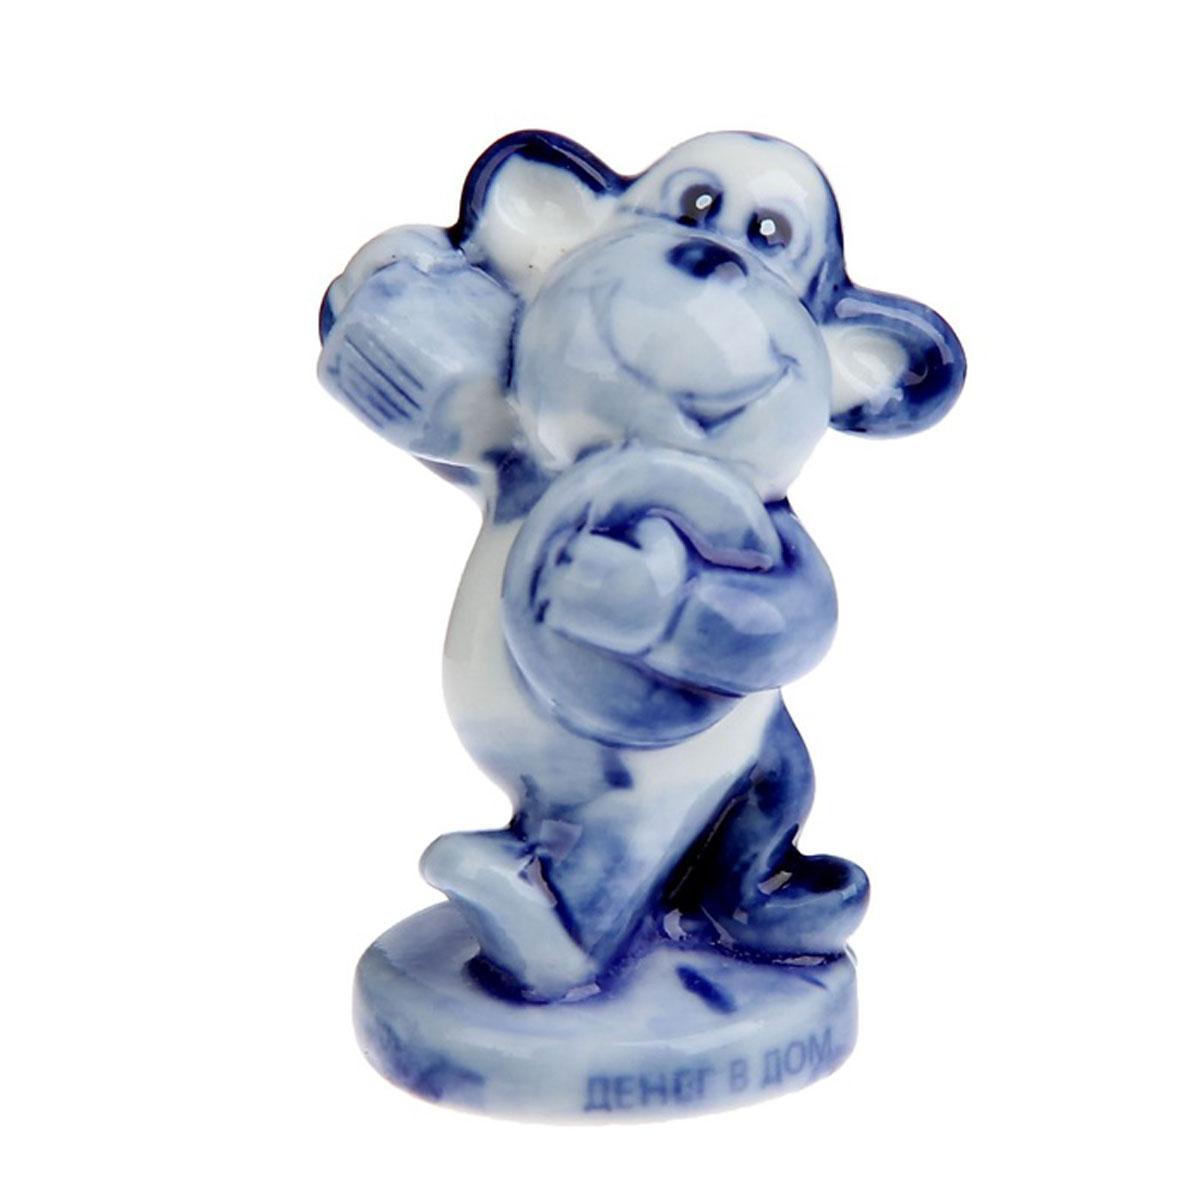 Статуэтка Sima-land Денег в дом - богатая обезьянка, высота 7 см1108760Статуэтка Sima-land Денег в дом - богатая обезьянка выполнена из керамики под гжель в виде забавной обезьянки. Она привлекает к себе внимание и буквально умиляет, заставляя улыбнуться. Такой сувенир станет отличным подарком родным или друзьям на Новый год, а также он украсит интерьер вашего дома или офиса.